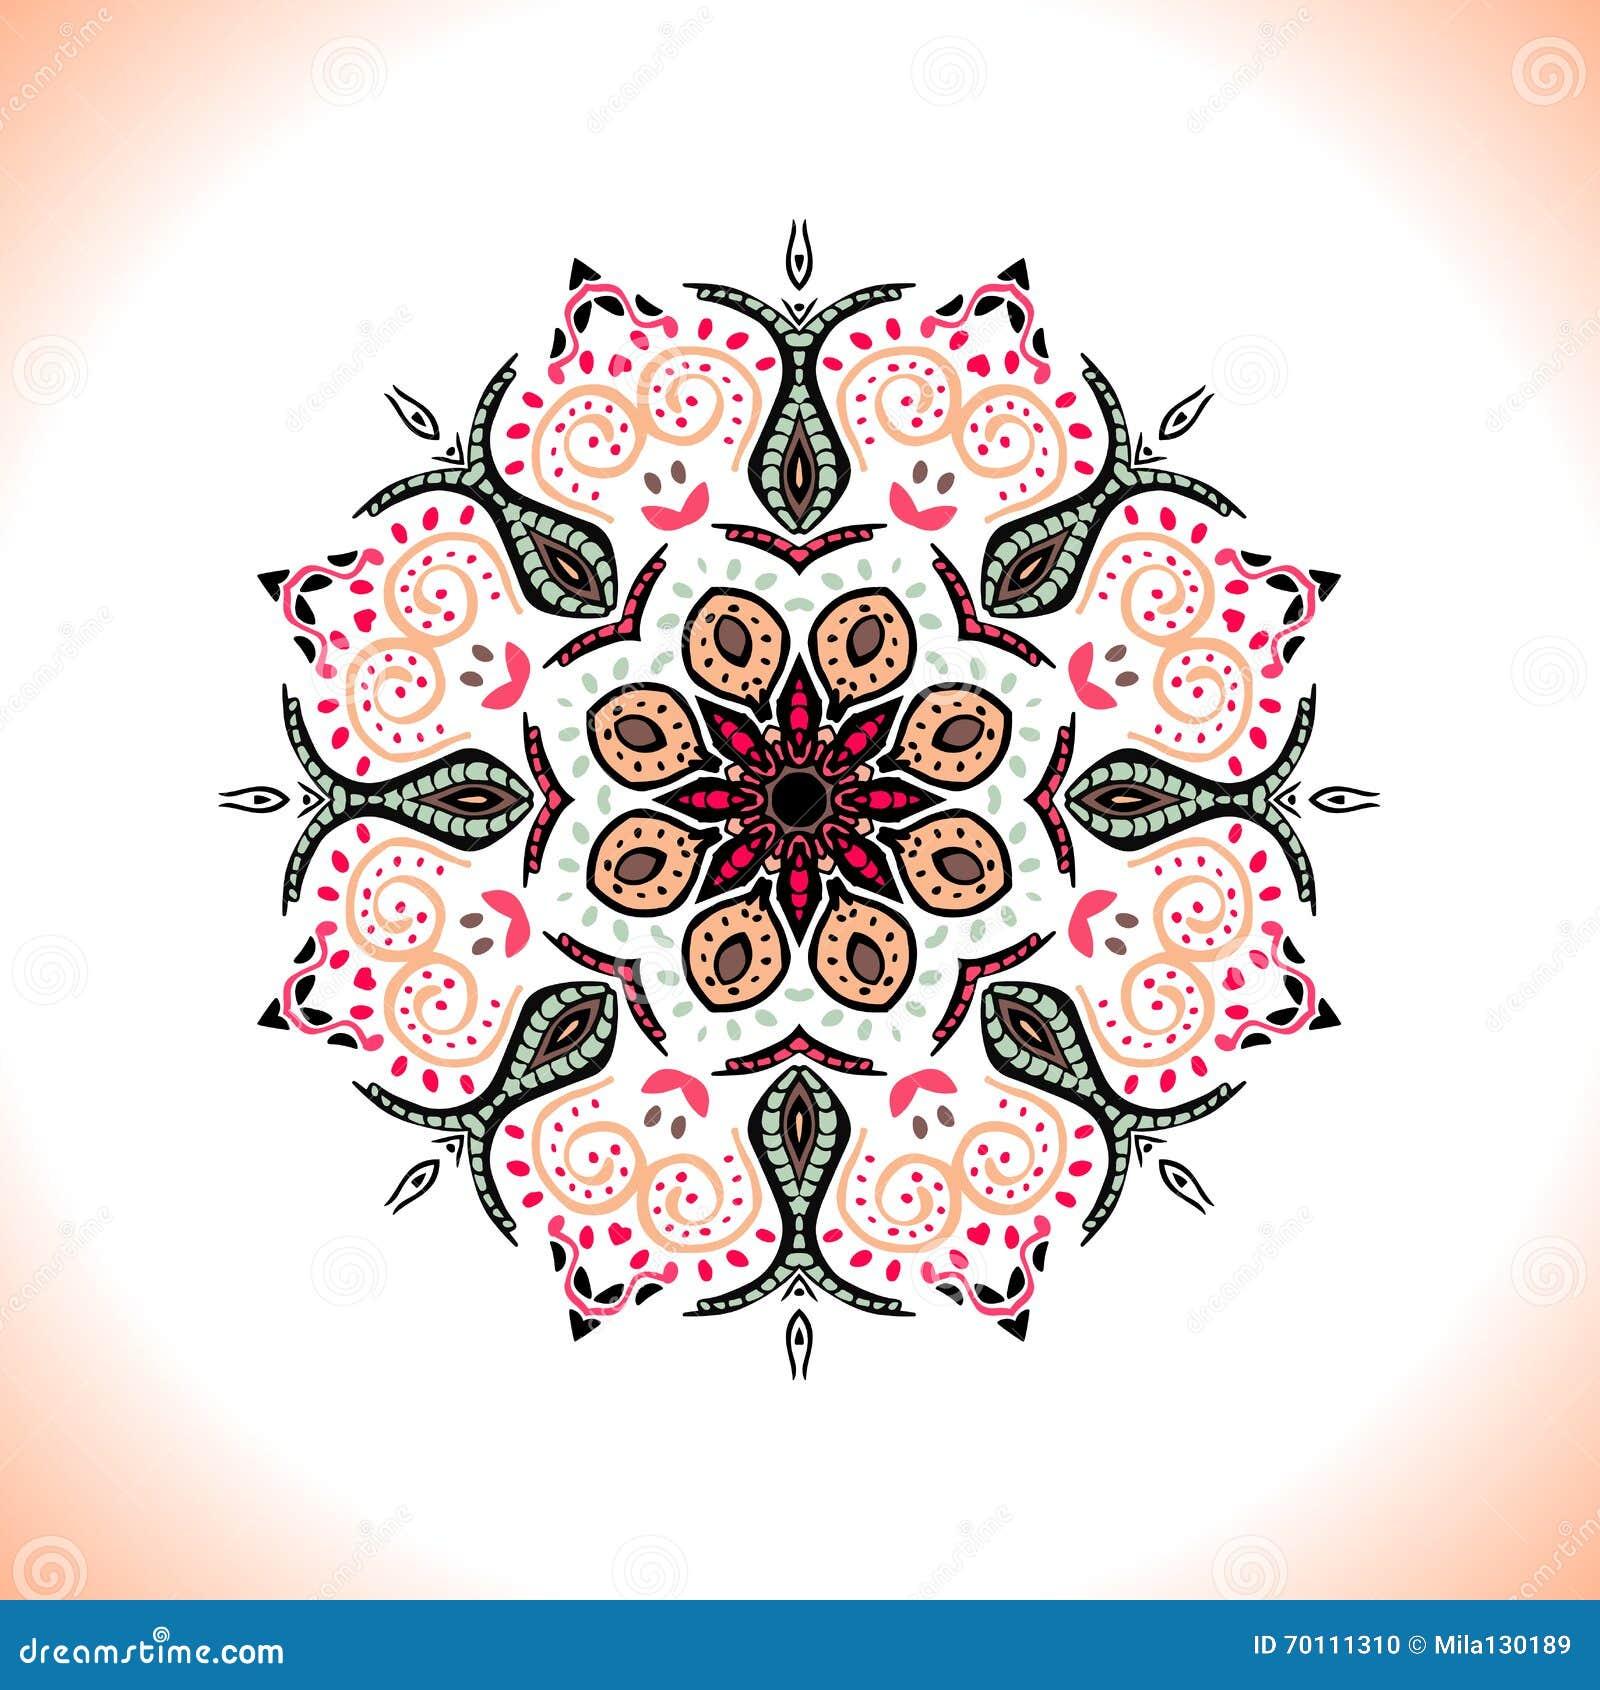 Mandala Vector el ornamento en colores del melocotón, elemento decorativo redondo para su diseño